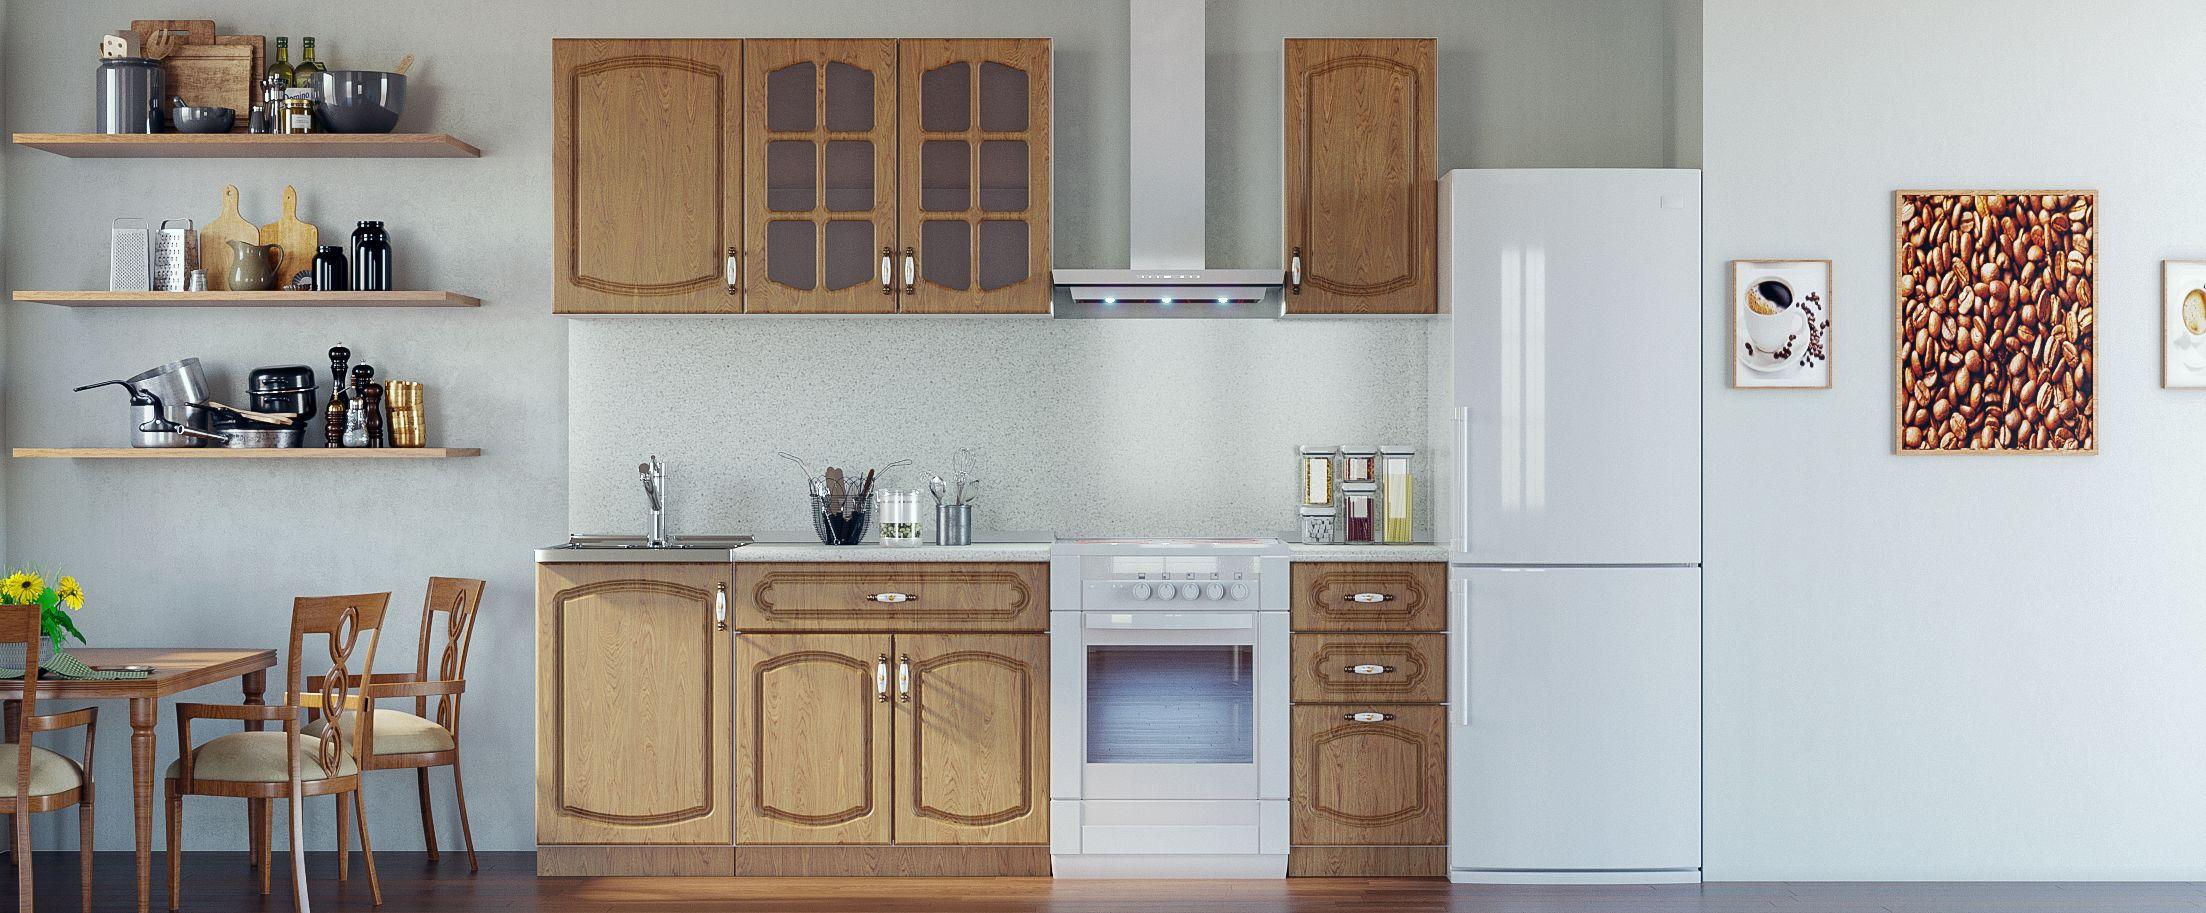 Кухня Дуб натуральный 1,7 мКупить удобный и практичный набор кухонного гарнитура в интернет магазине MOON TRADE. Быстрая доставка, вынос упаковки, гарантия! Выгодная покупка!<br>